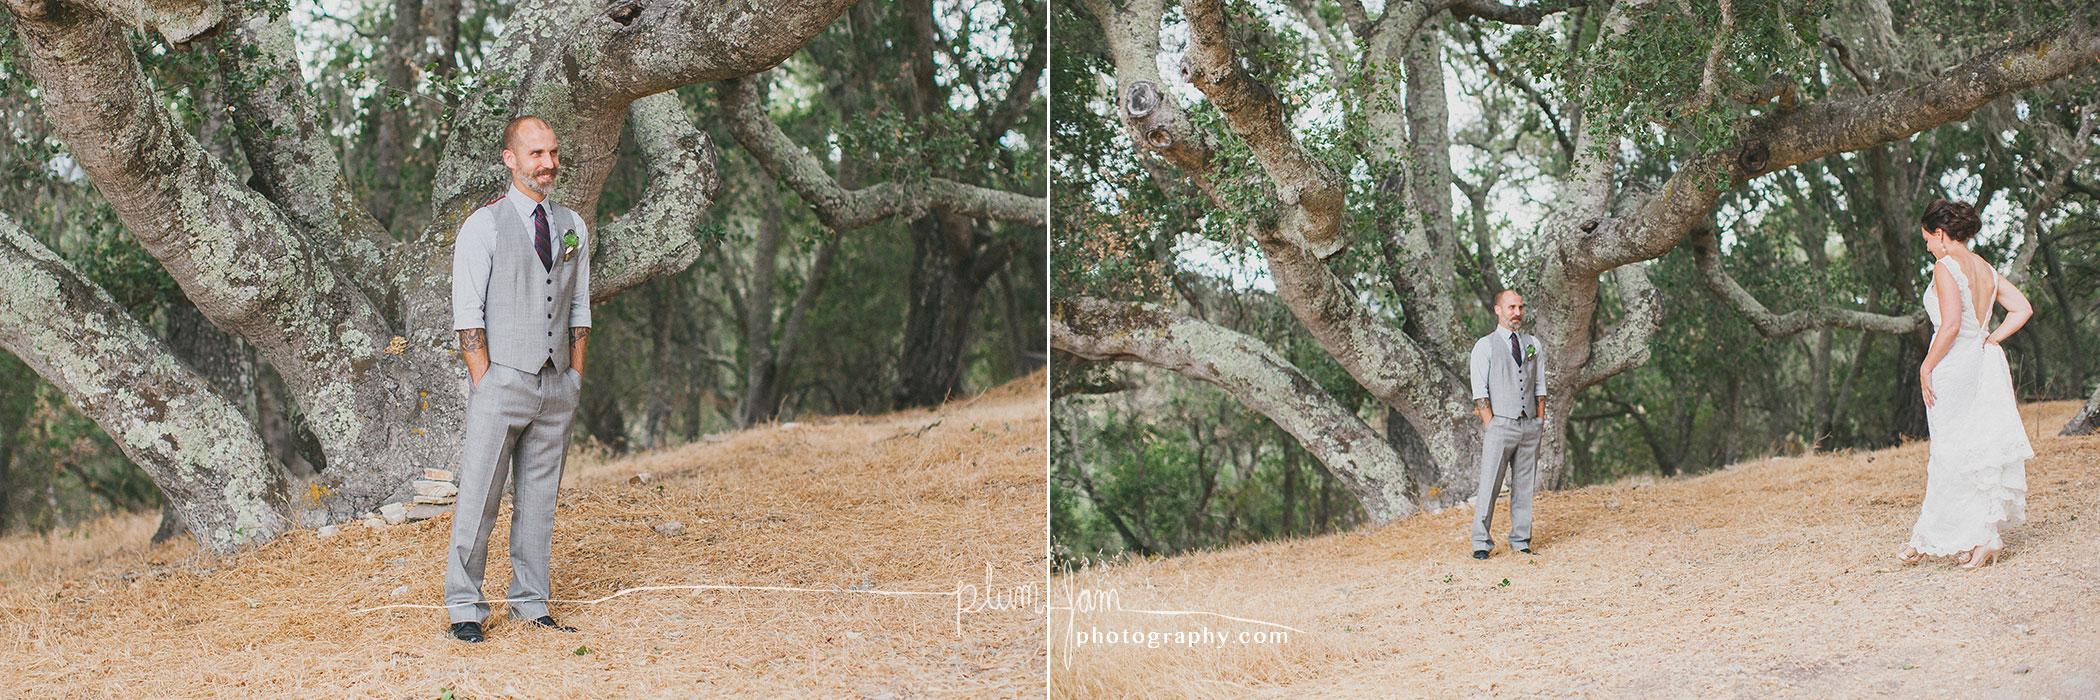 JenCasey-05-PlumJamPhotography